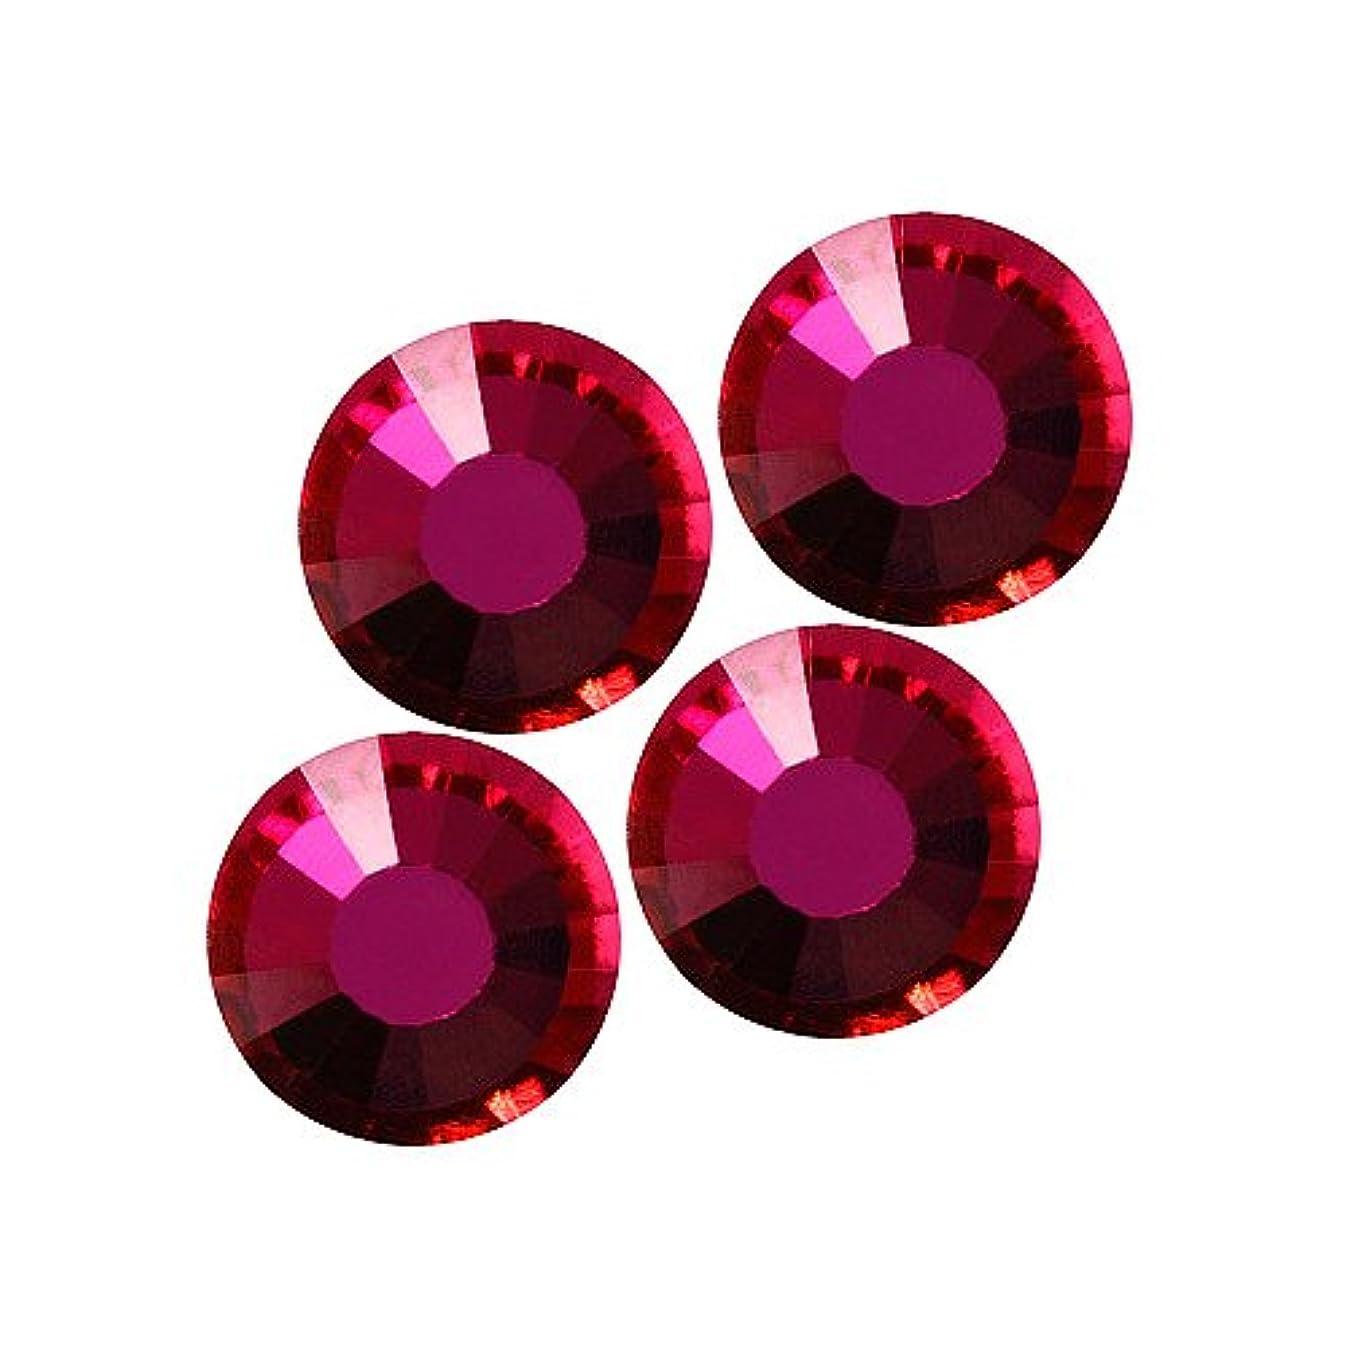 変位原子検出するバイナル DIAMOND RHINESTONE フューシャピンク SS8 720粒 ST-SS8-FPK-5G